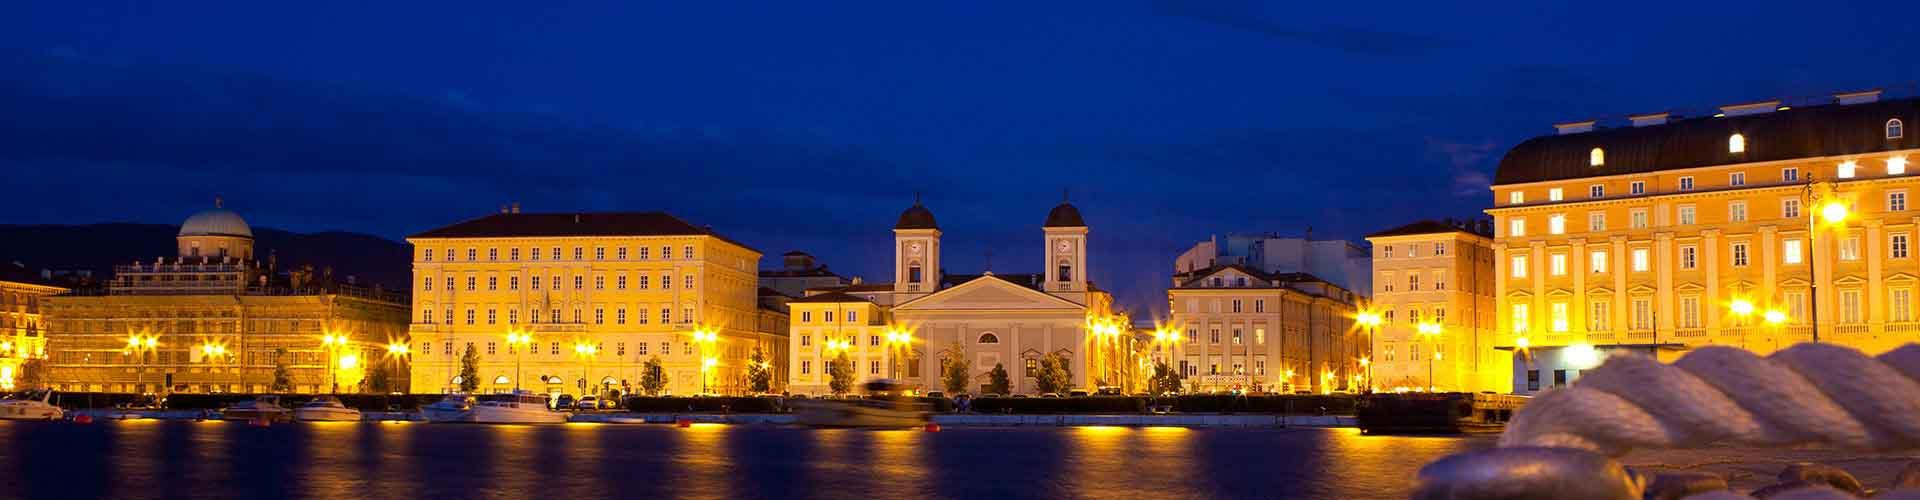 Florence - Hôtels dans le quartier de San Niccolò. Cartes pour Florence, photos et commentaires pour chaque hôtel à Florence.